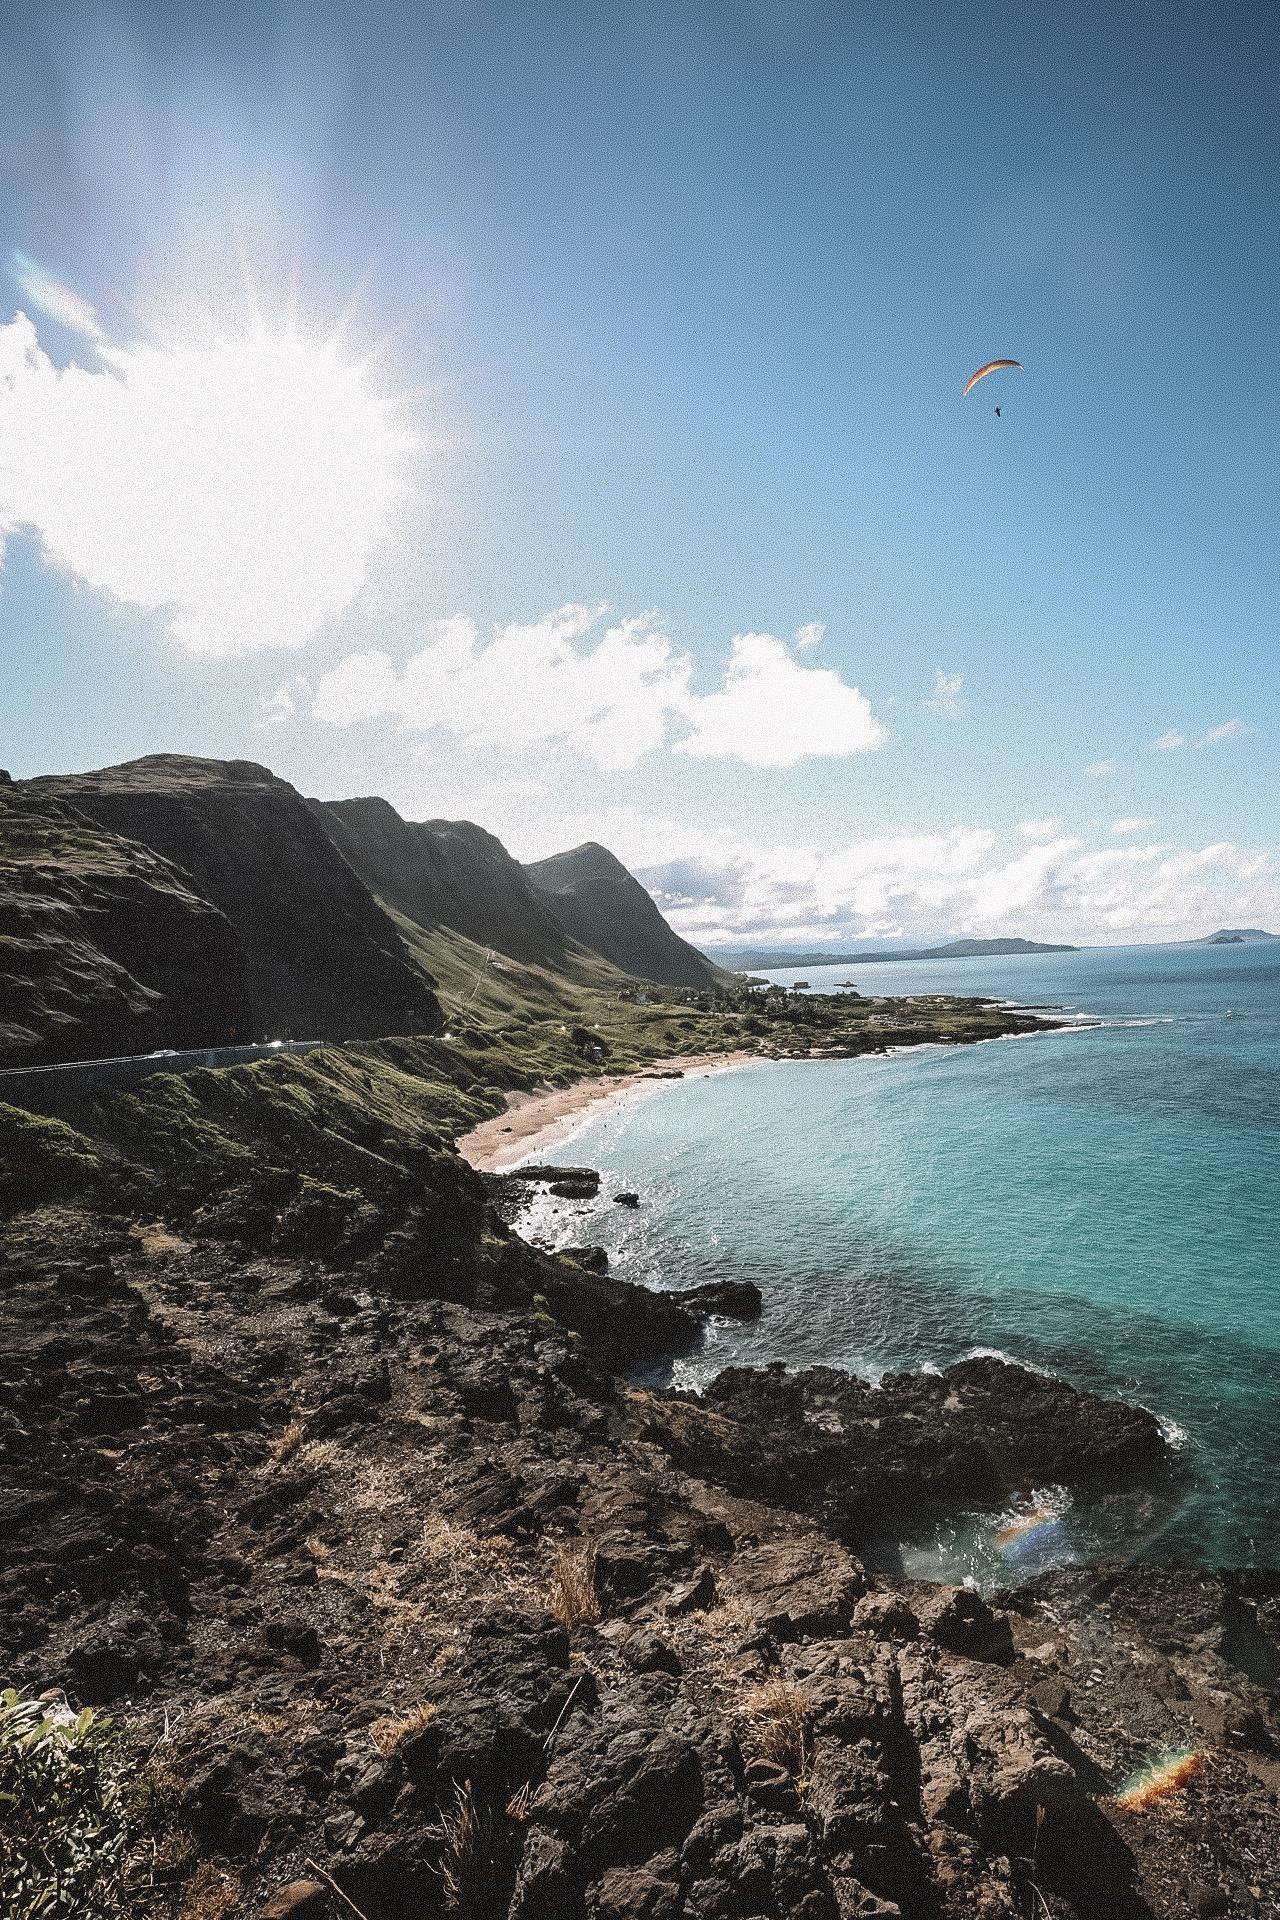 Makapu'u Oahu - Blondie Baby blog mode et voyages